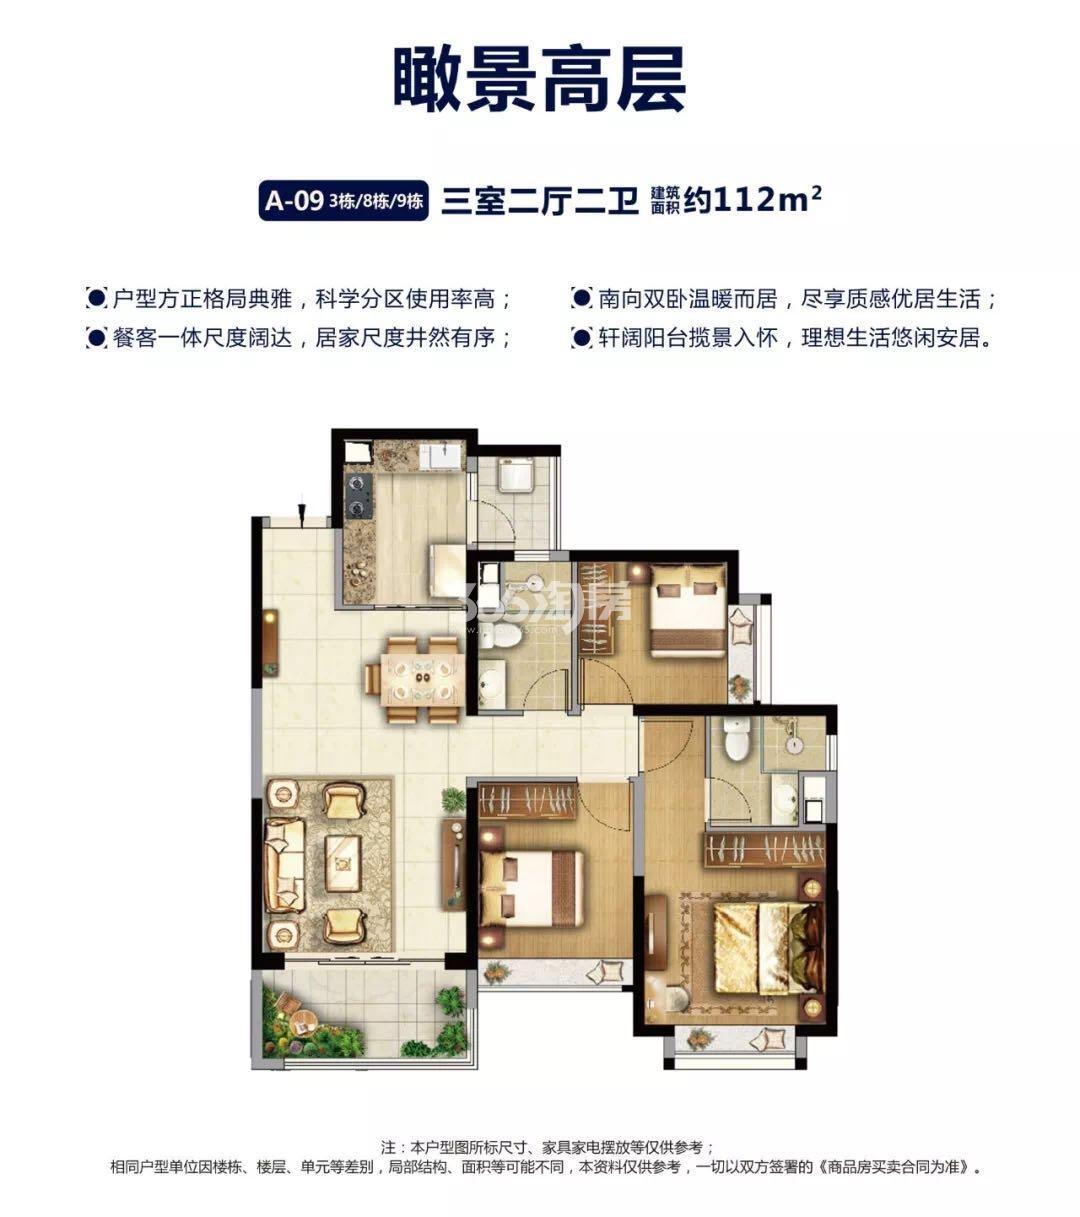 西安恒大文化旅游城112㎡三室两厅一厨两卫